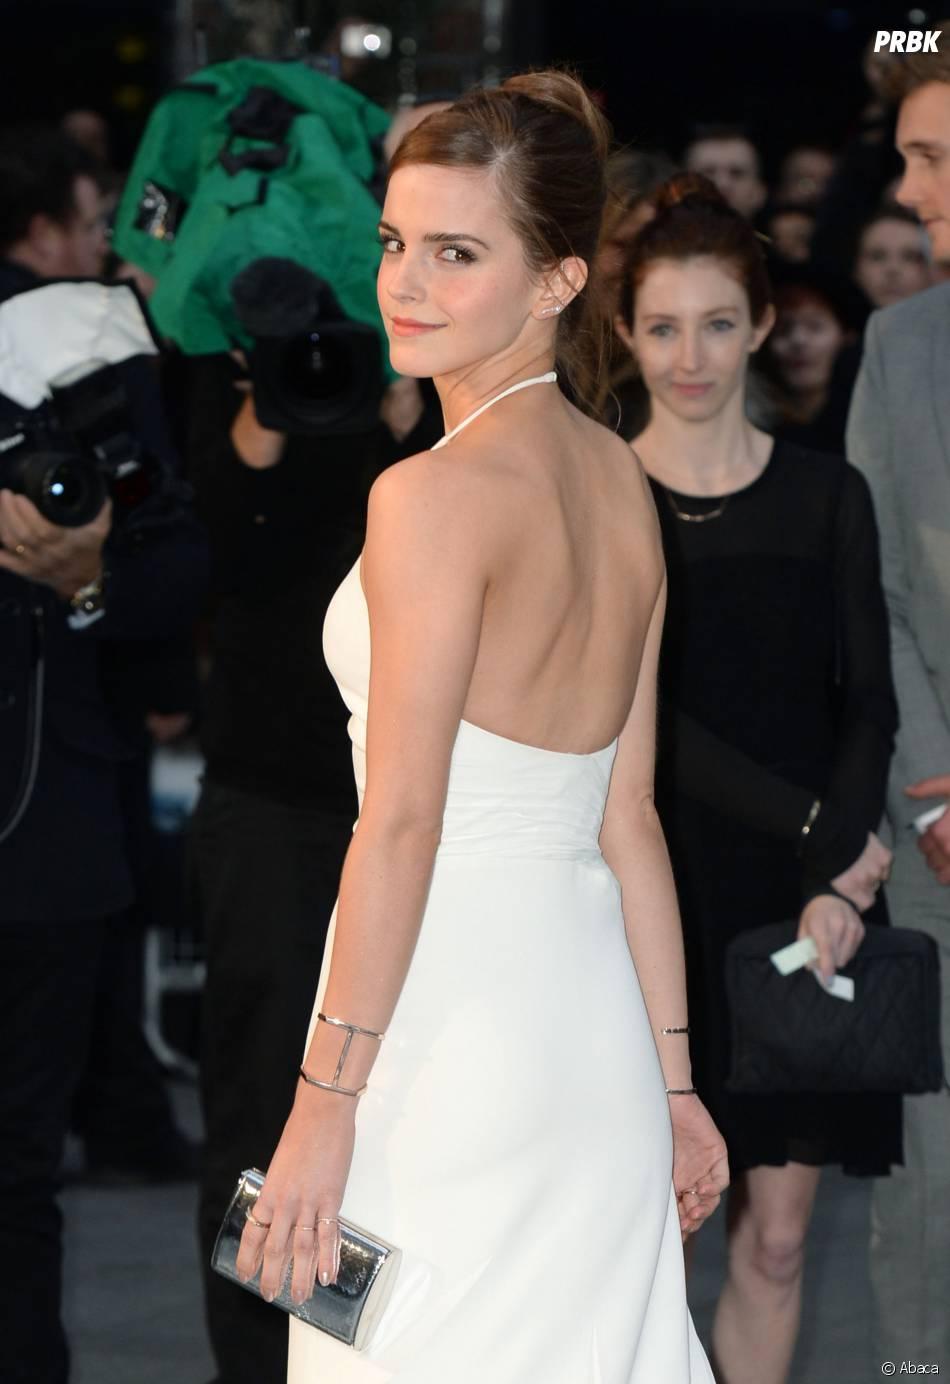 Emma Watson dos nu sur le tapis rouge de Noé, le 31 mars 2014 à Londres